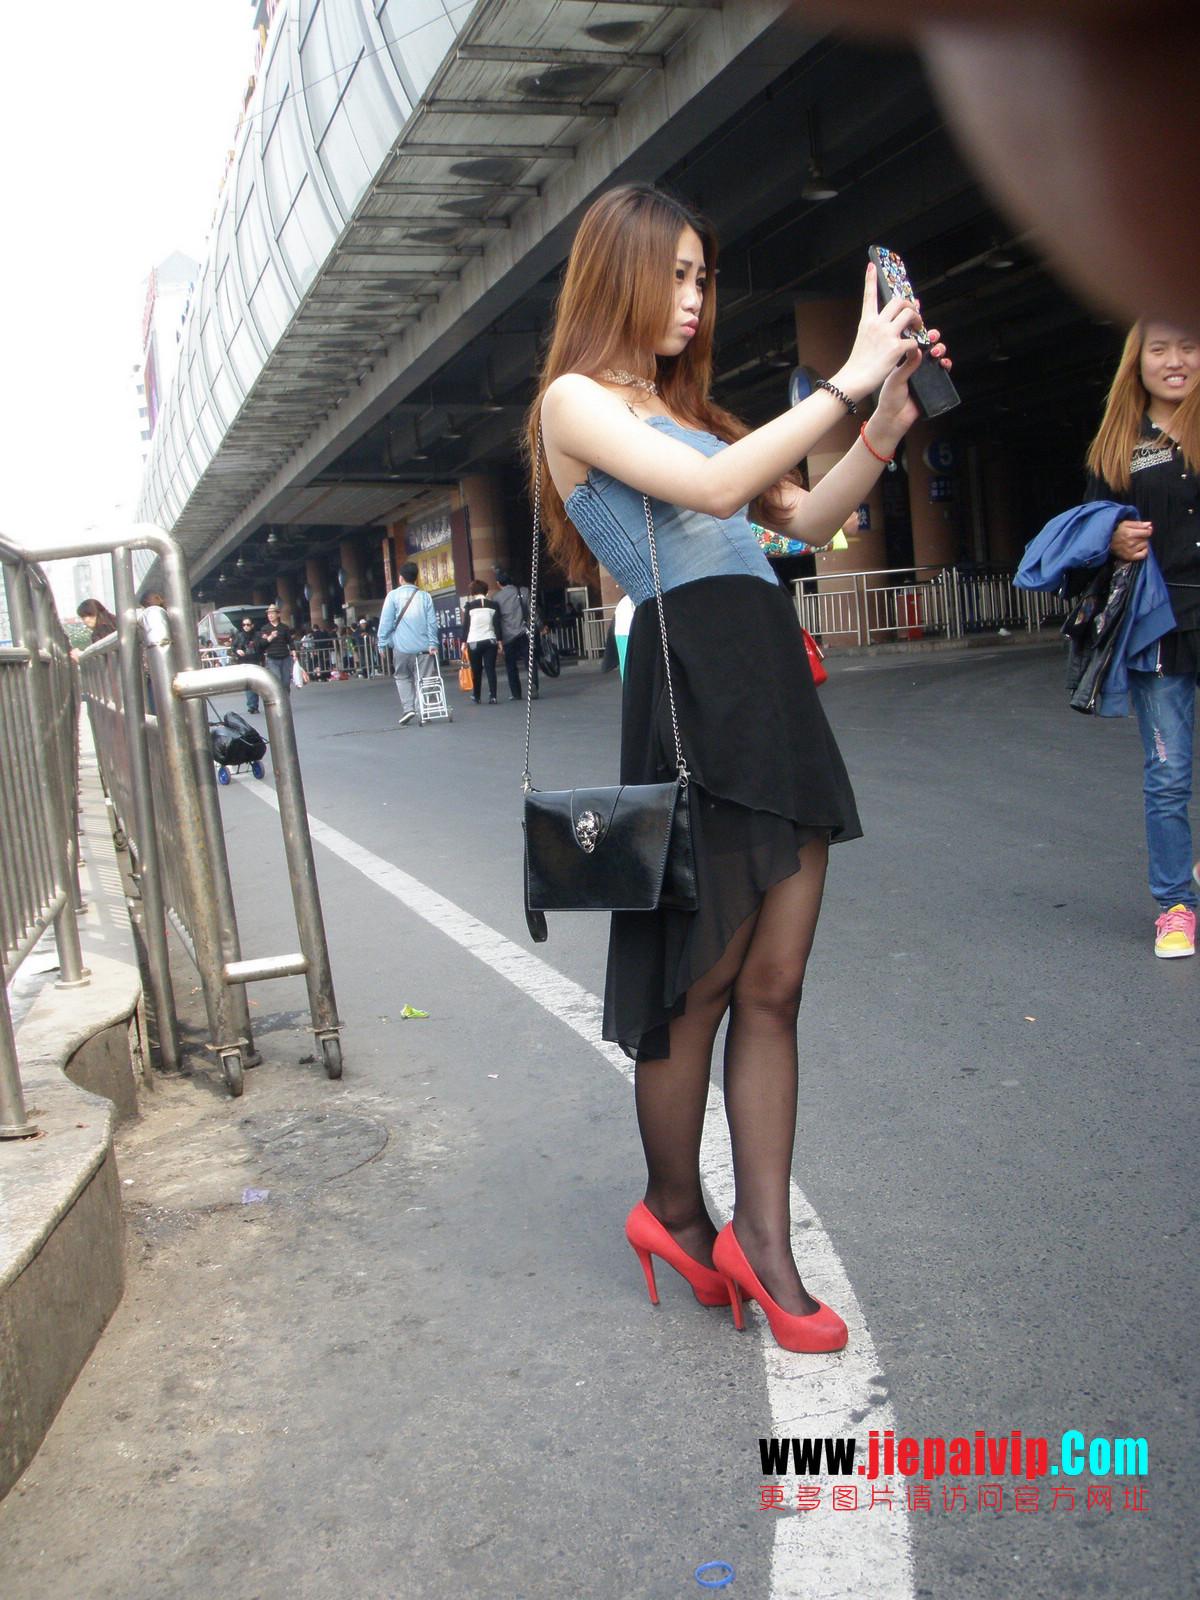 性感的红色高跟鞋黑丝袜美腿女人